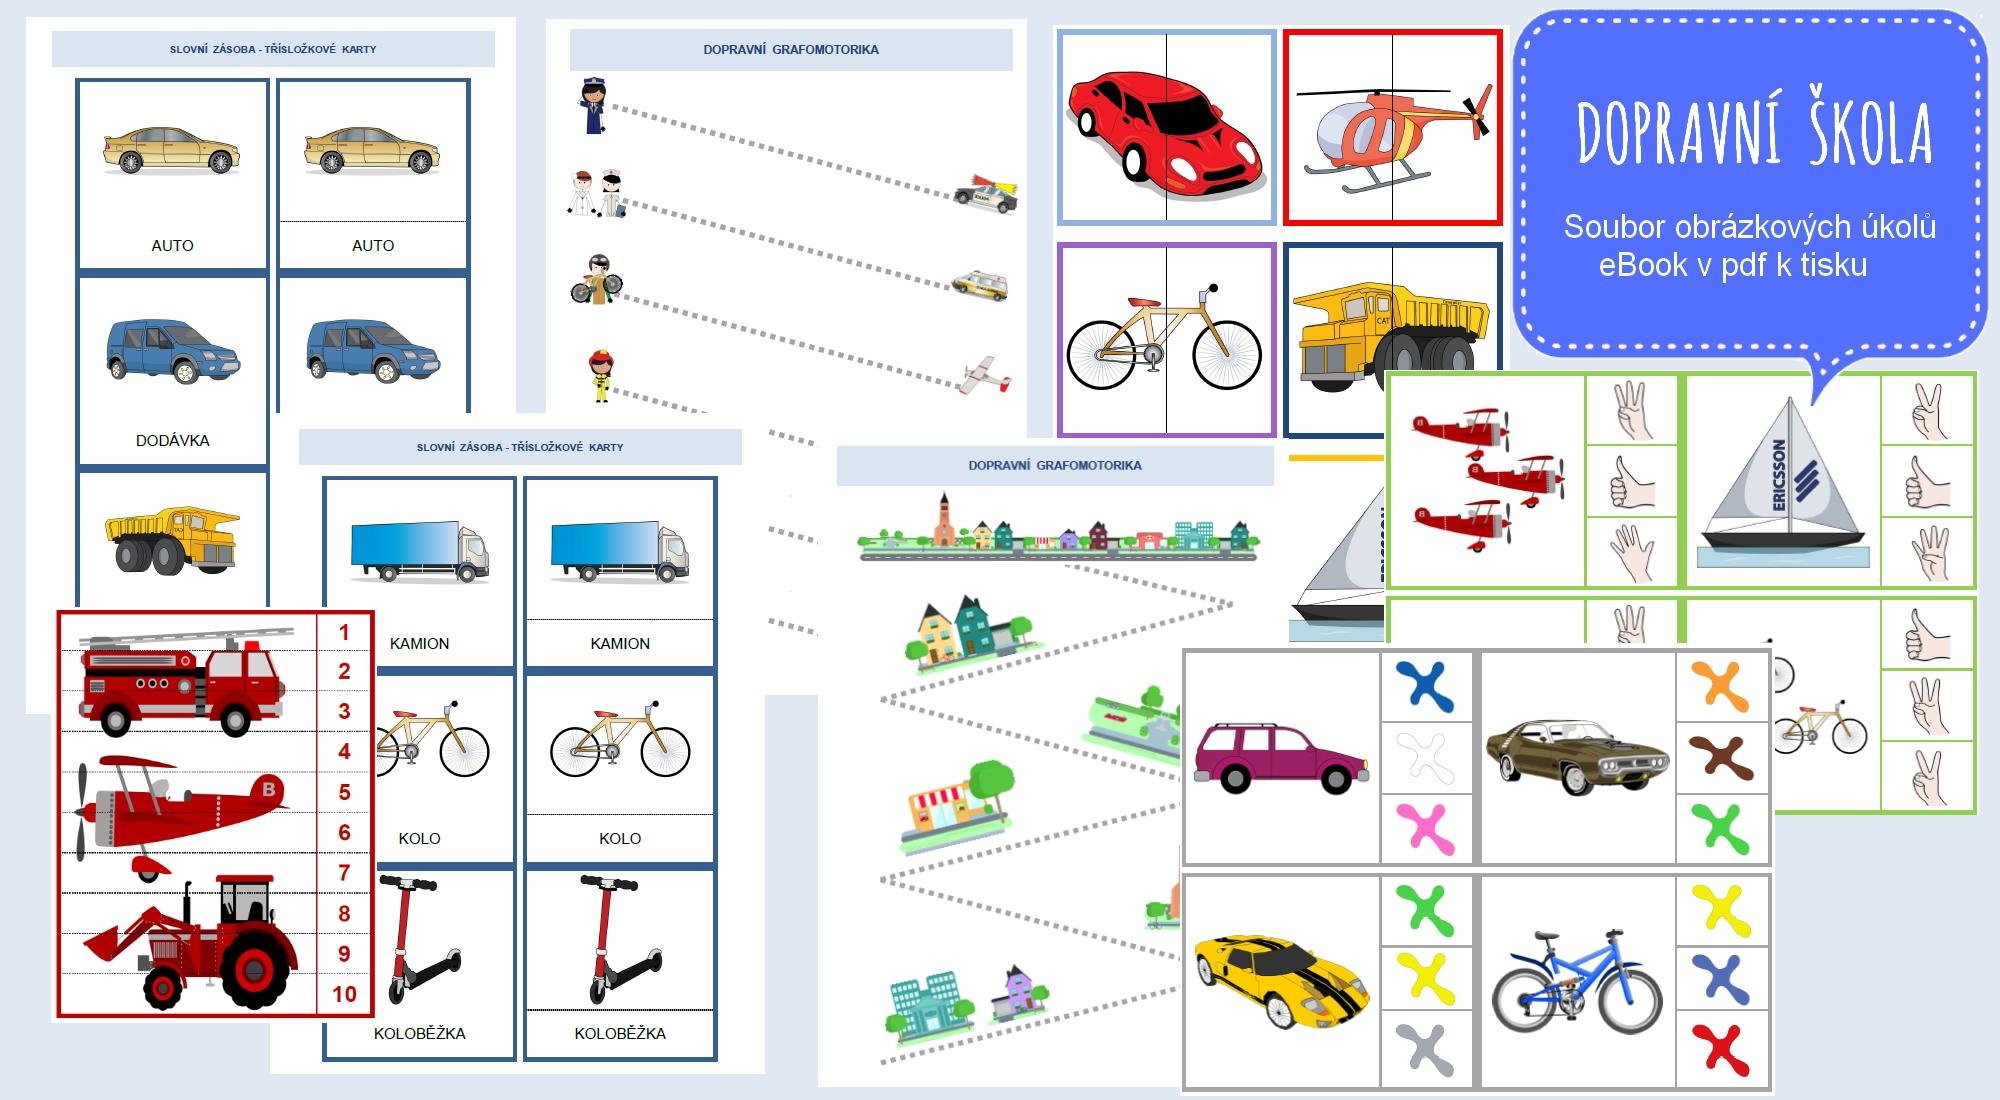 Dopravní škola, soubor úkolů pro malé děti v eBooku